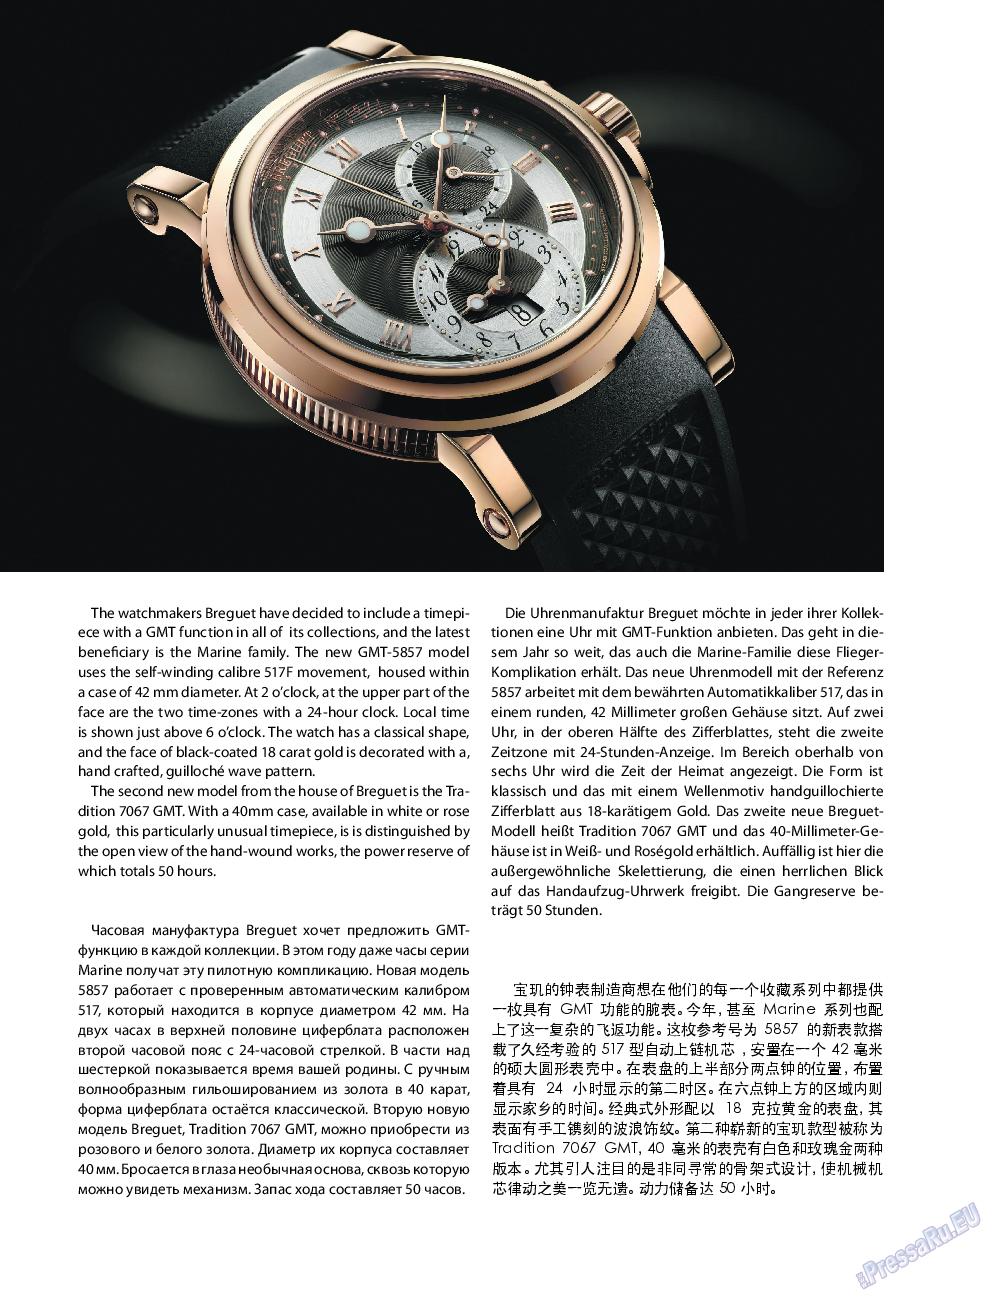 Клан (журнал). 2012 год, номер 3, стр. 48